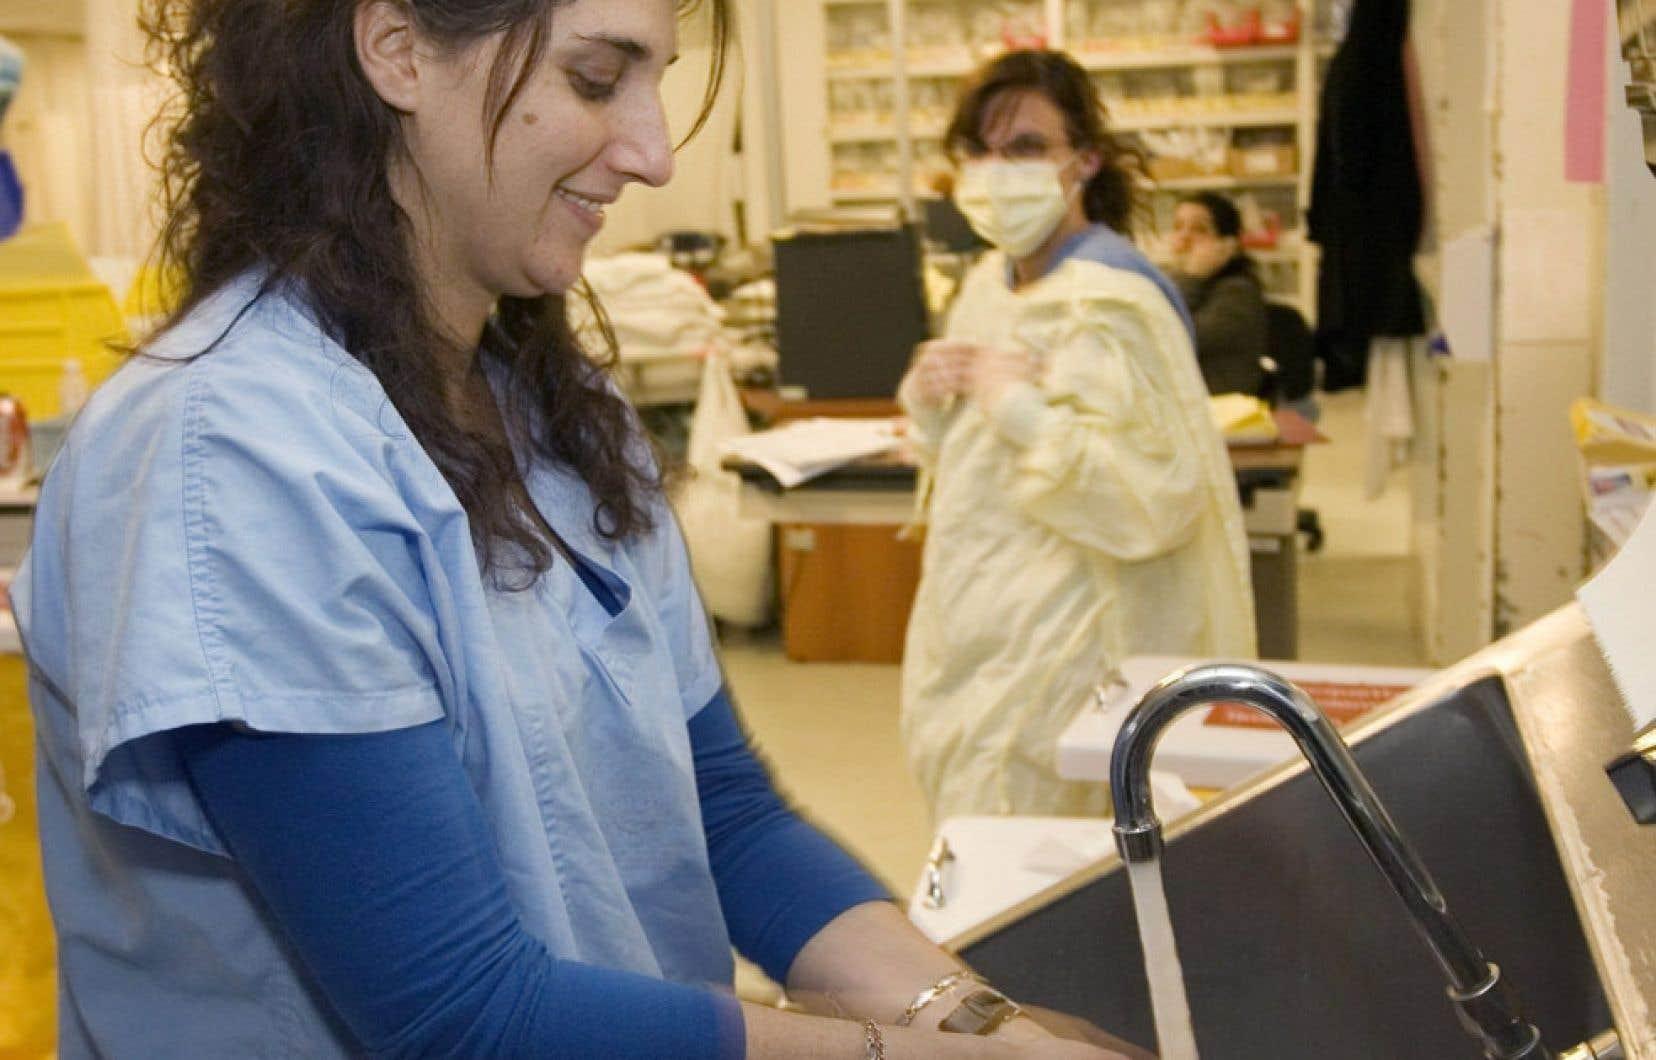 Les infirmières québécoises sont moins nombreuses à approcher de l'âge de la retraite que dans les autres provinces. La relève semble en effet poindre, car plus de 28 % des infirmières ont moins de 35 ans, alors que 7 % ont plus de 60 ans.